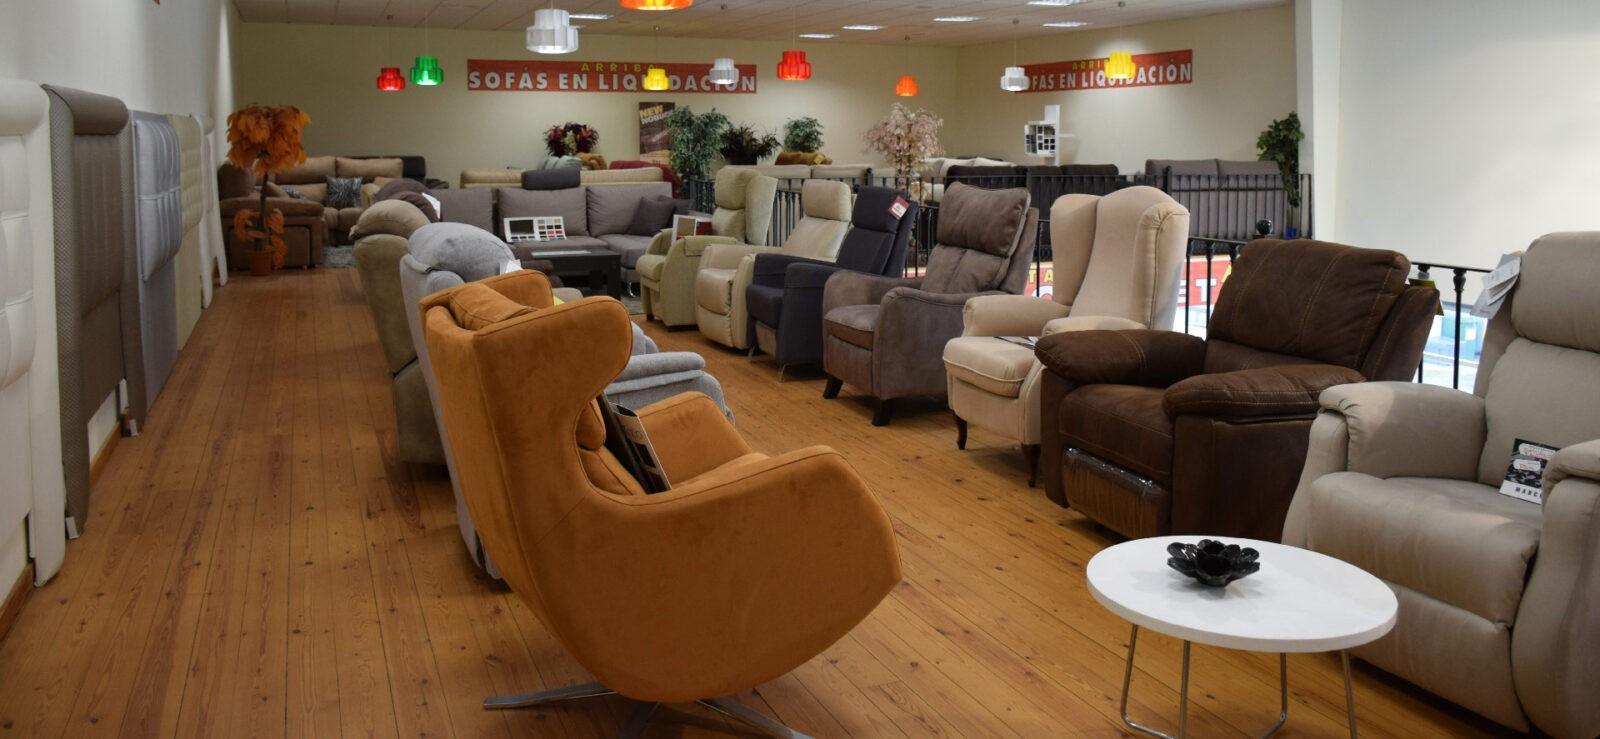 Tienda de colchones y sofás en Estepona Masconfort